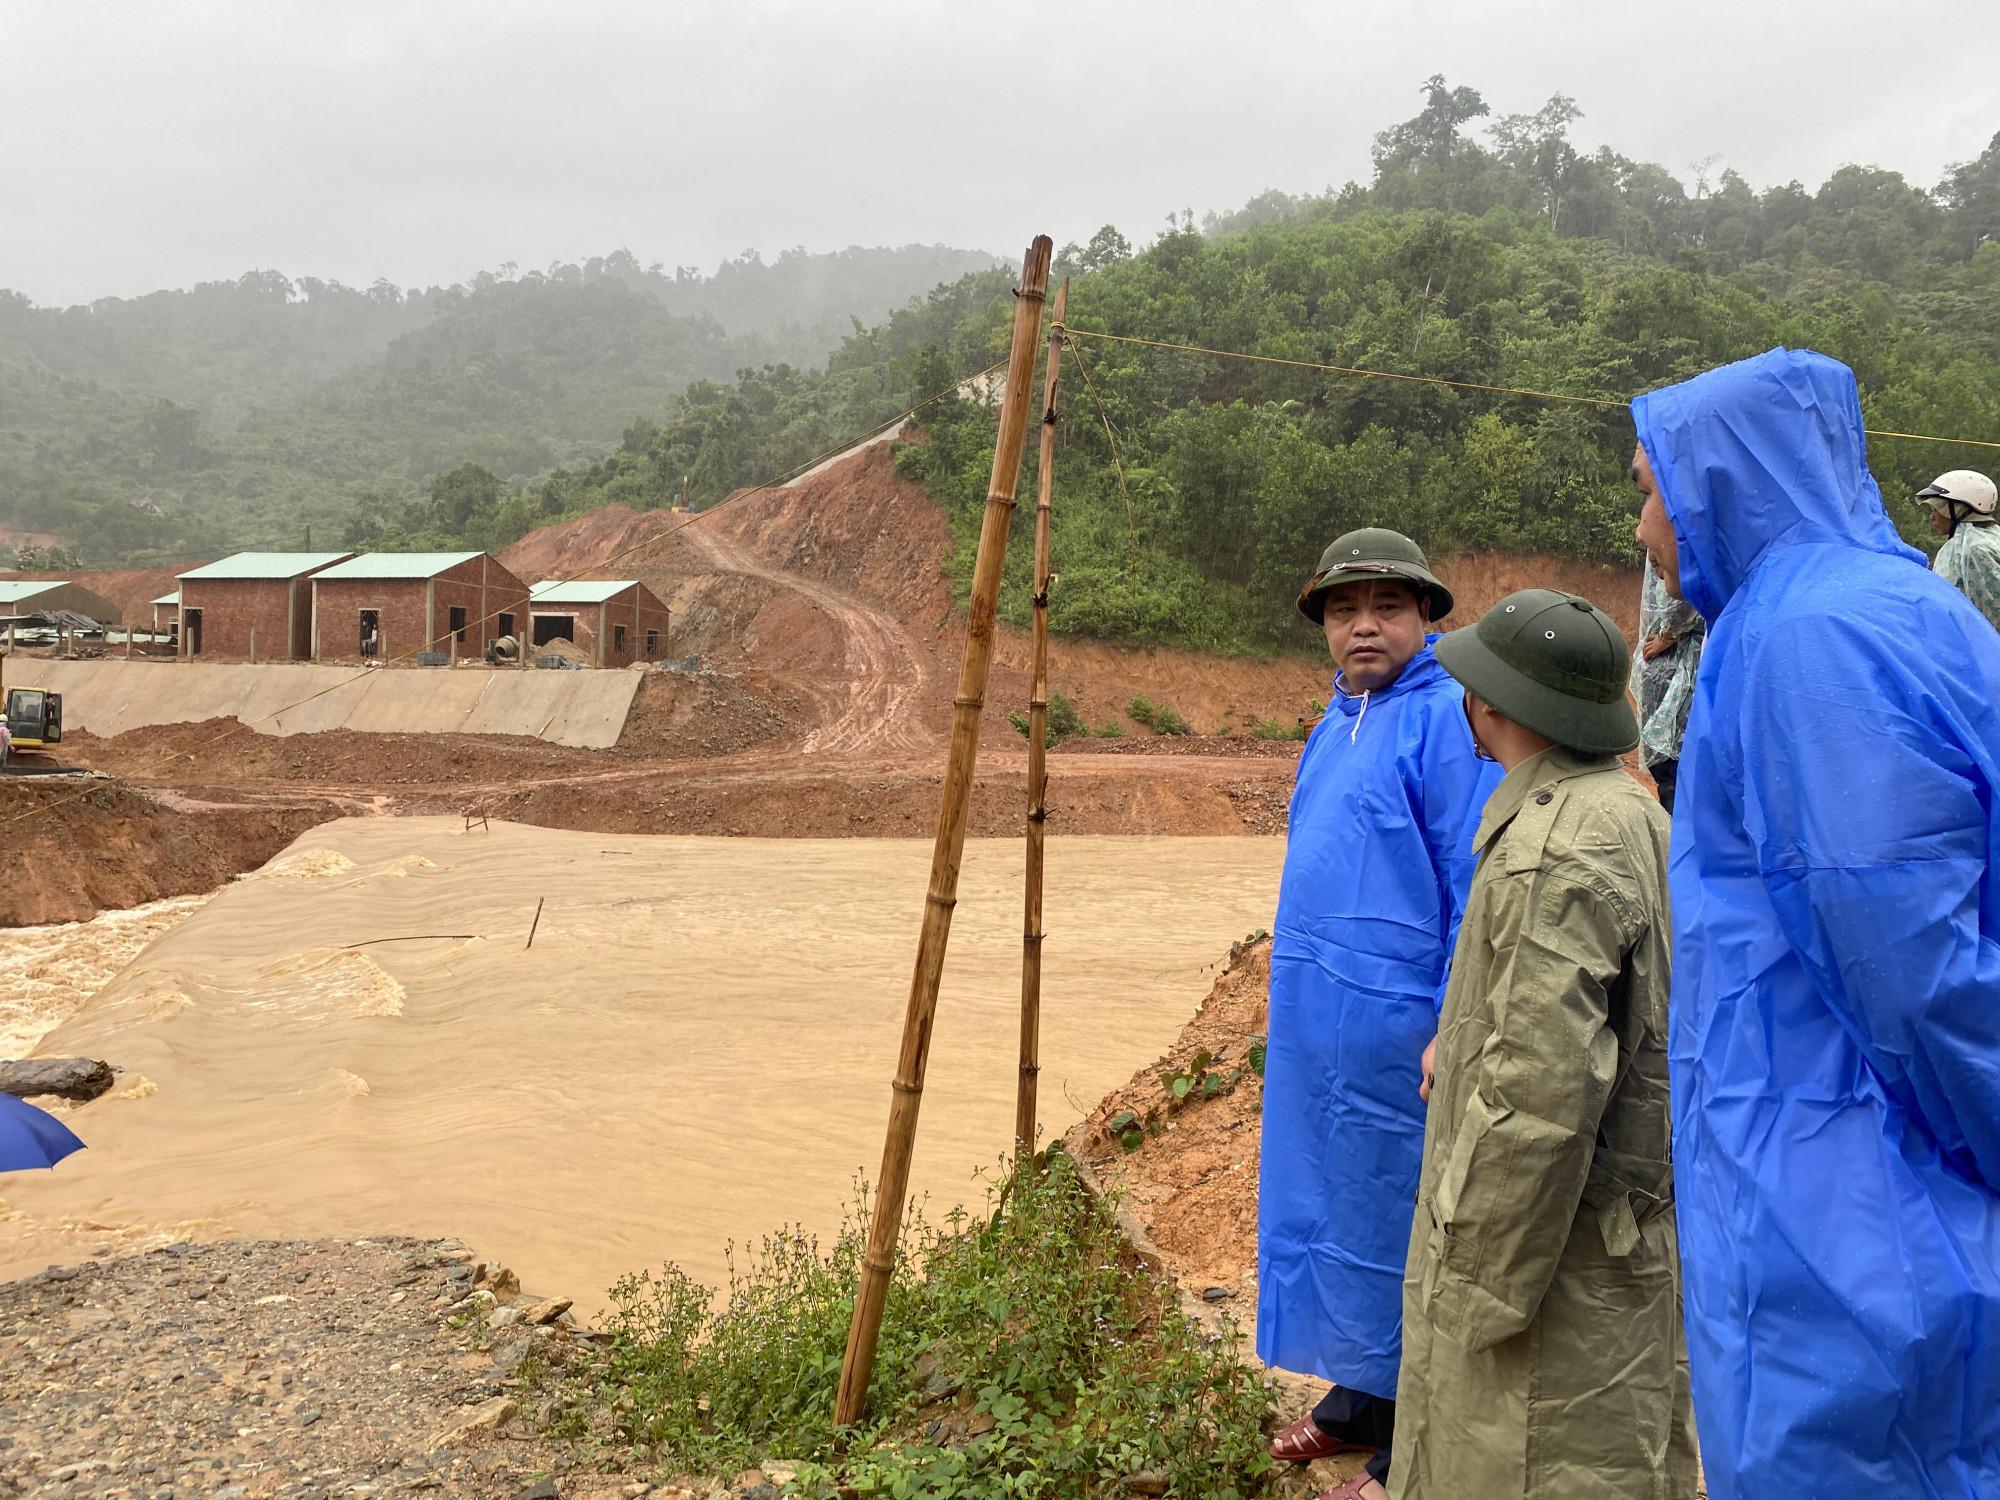 Ông Nguyễn Mạnh Hà - Trưởng ban Nội chính Tỉnh ủy Quảng Nam yêu cầu chính quyền huyện Phước Sơn khẩn trương di dời người dân đến nơi an toàn muộn nhất vào 16g ngày 11/9.